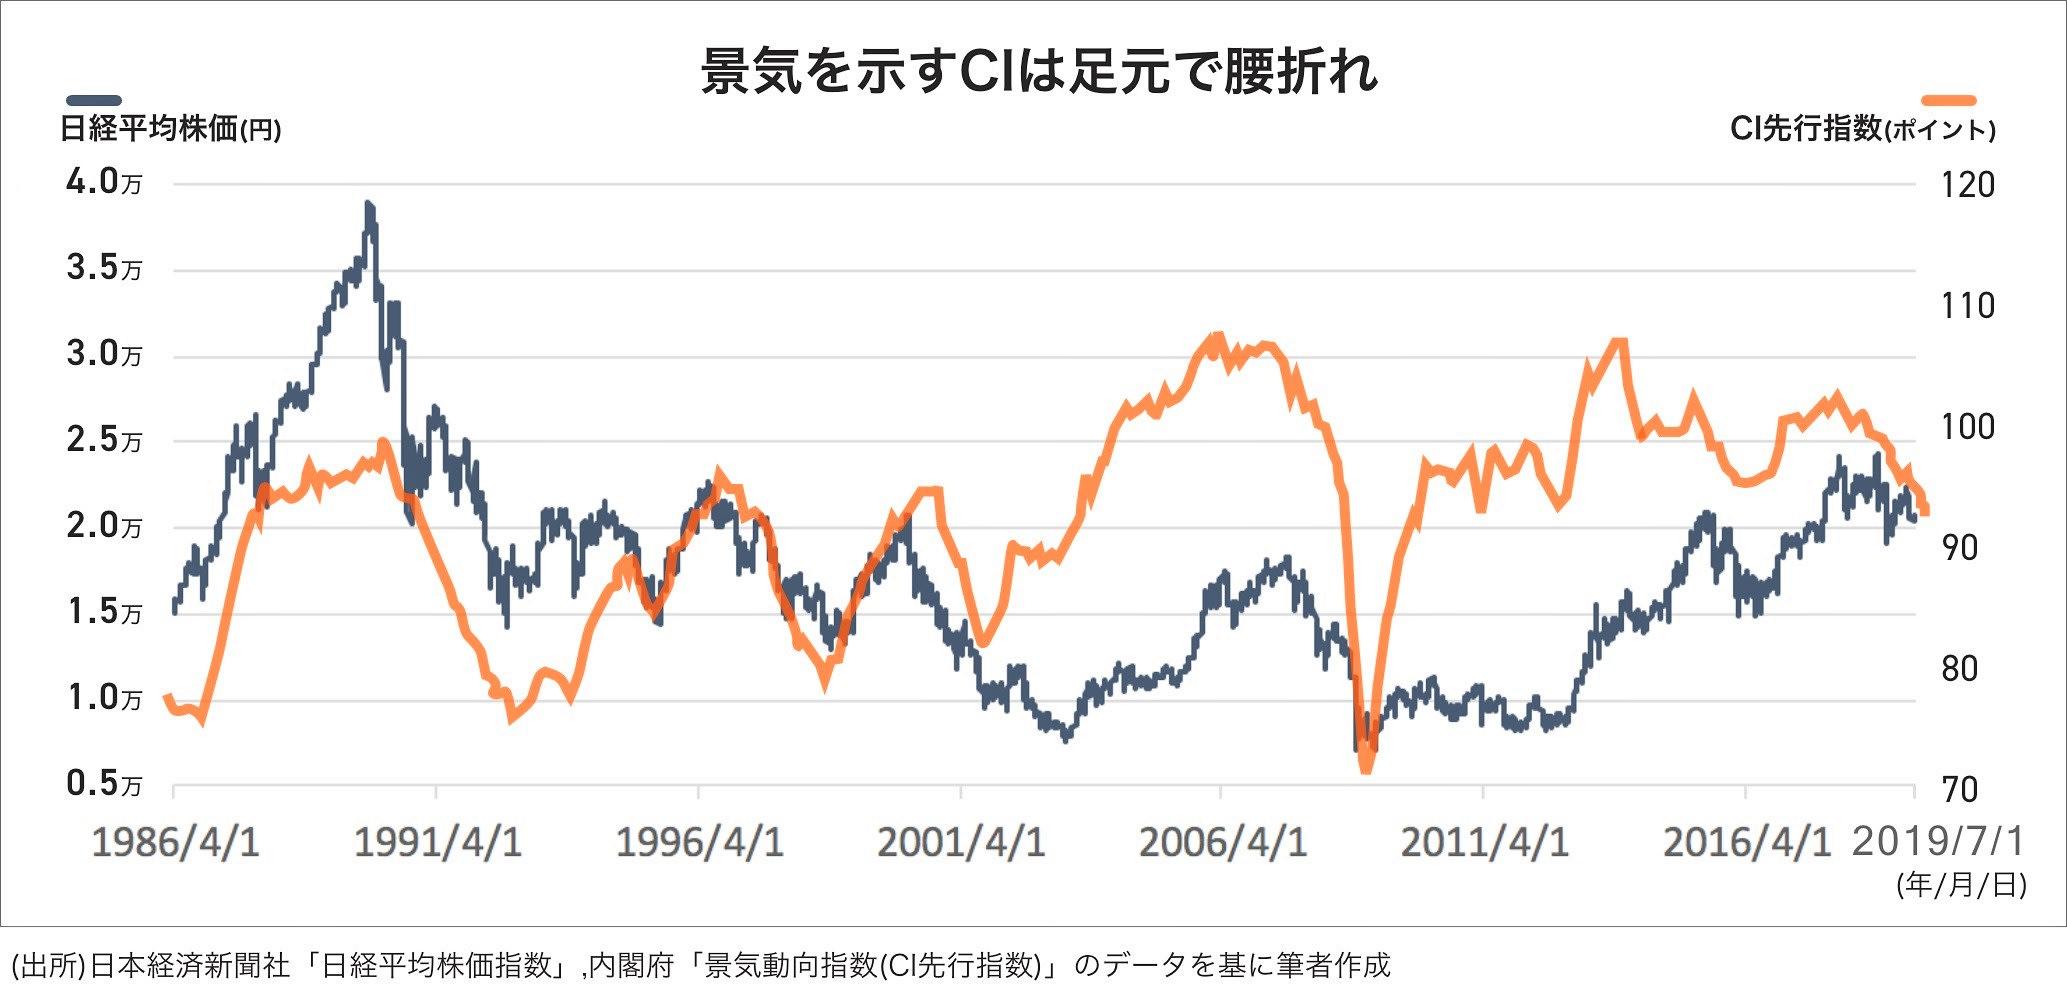 CIと株価